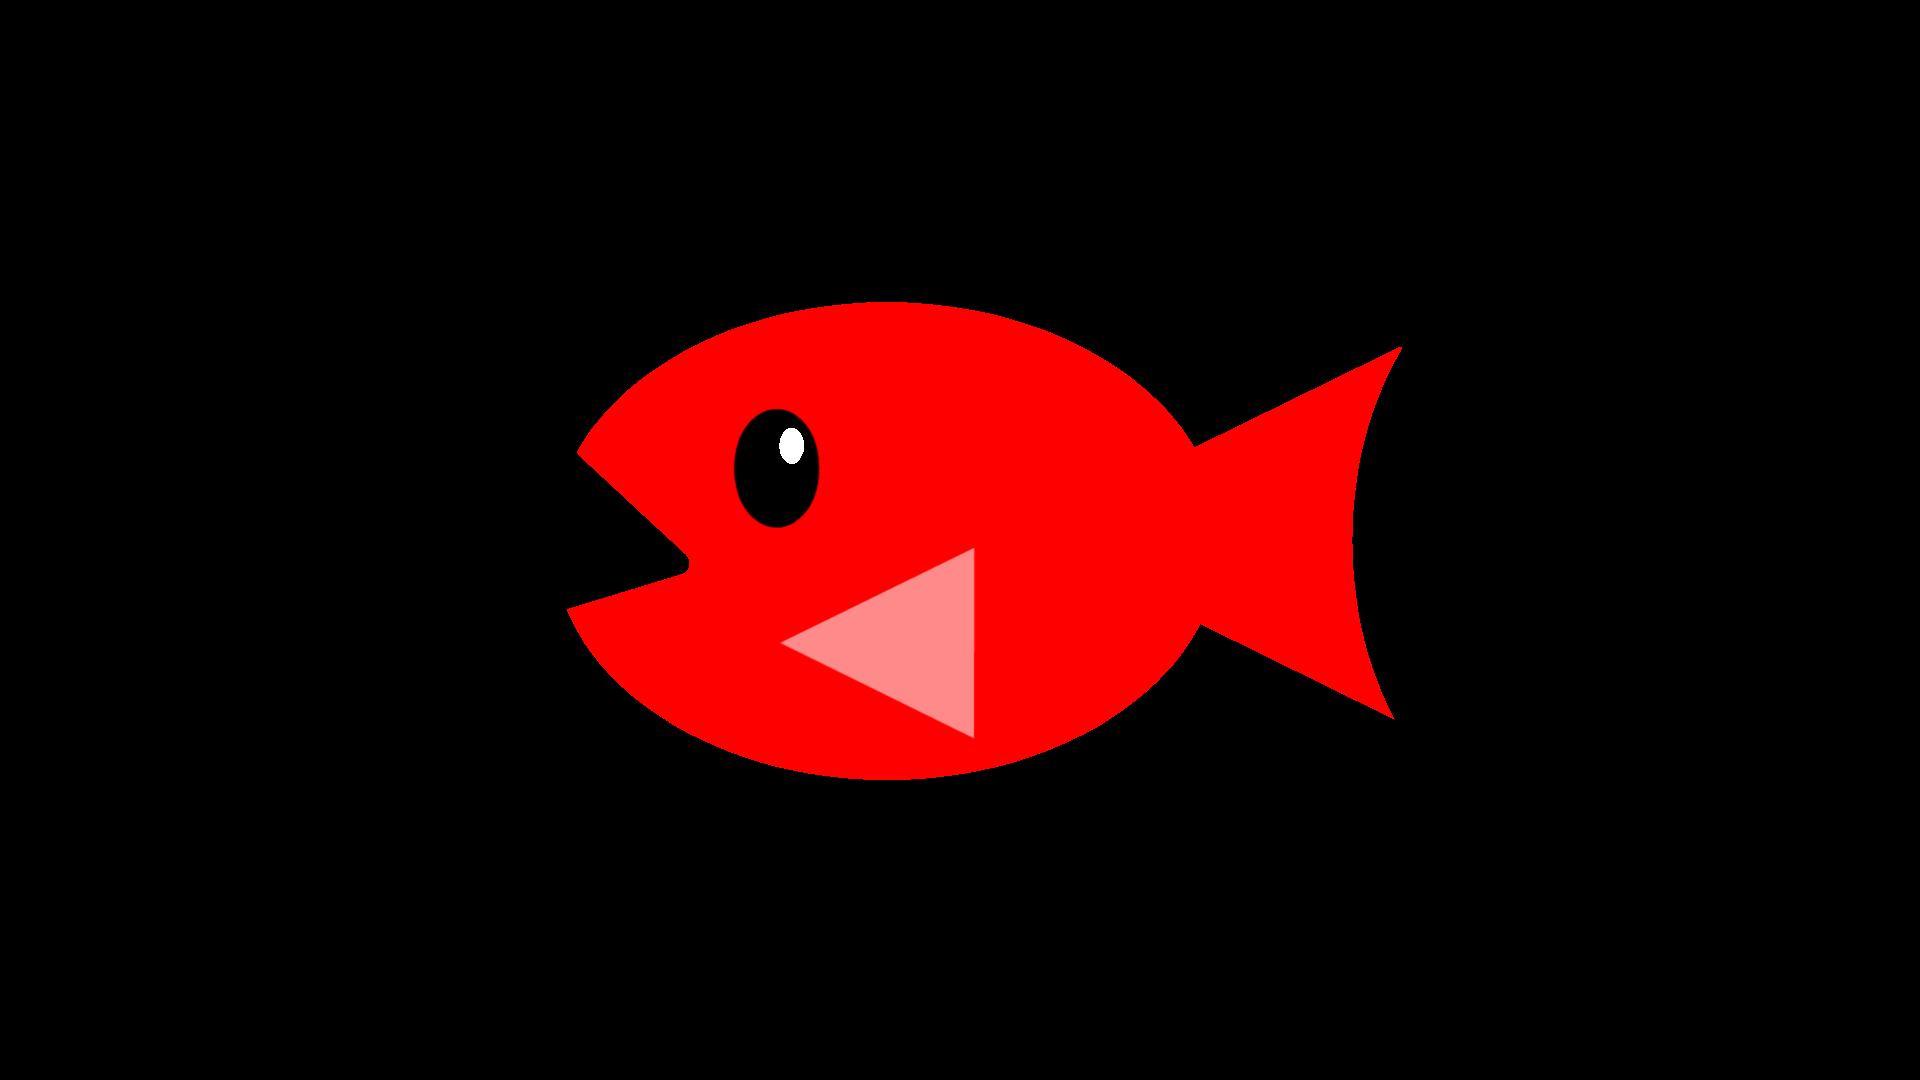 お魚のイラスト3種類単色塗りカラーグラデーションカラー各8色全48